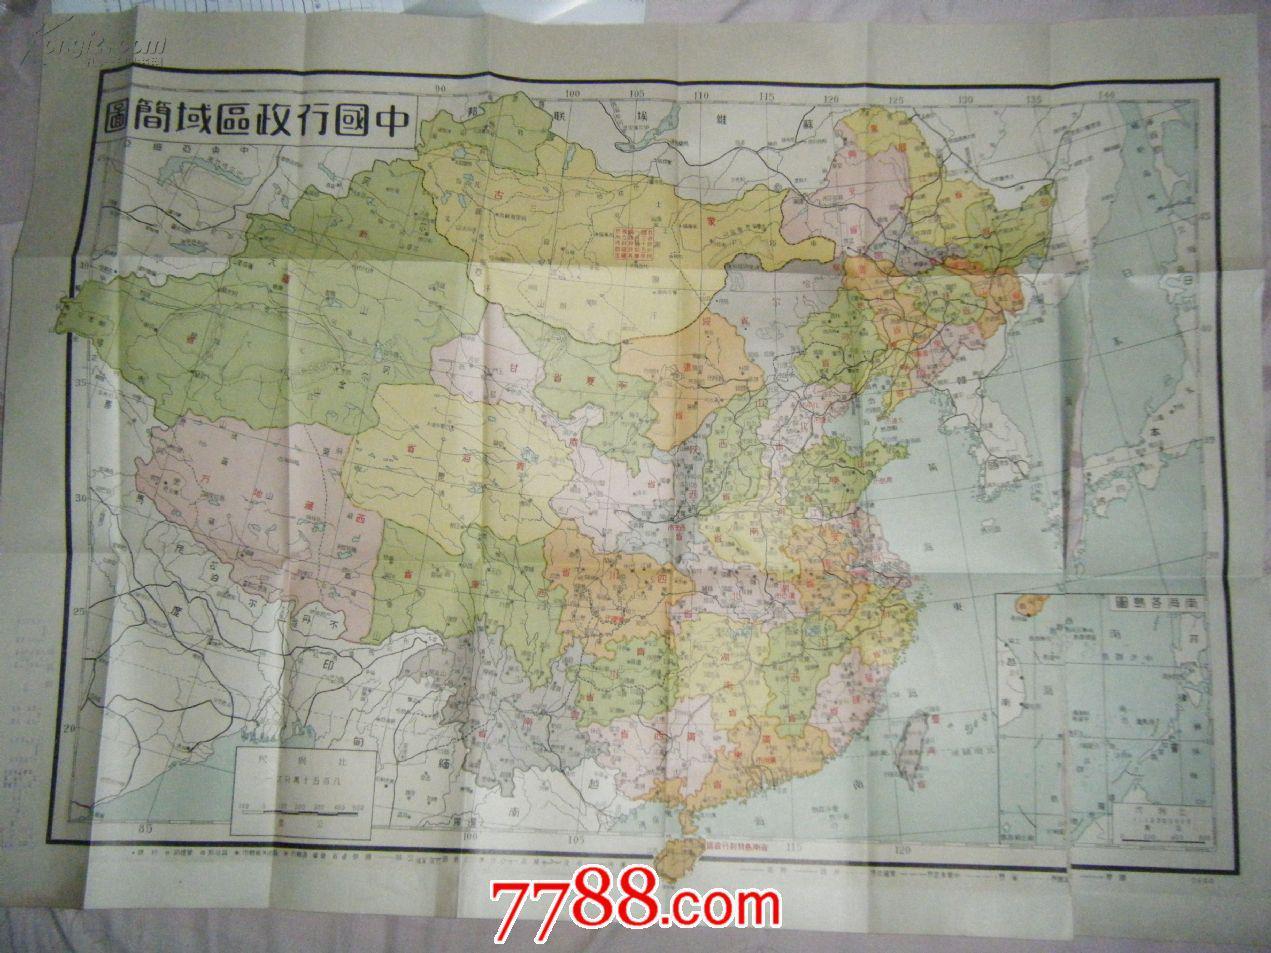 中华民国行政区域地图(唯一带勘误表图片